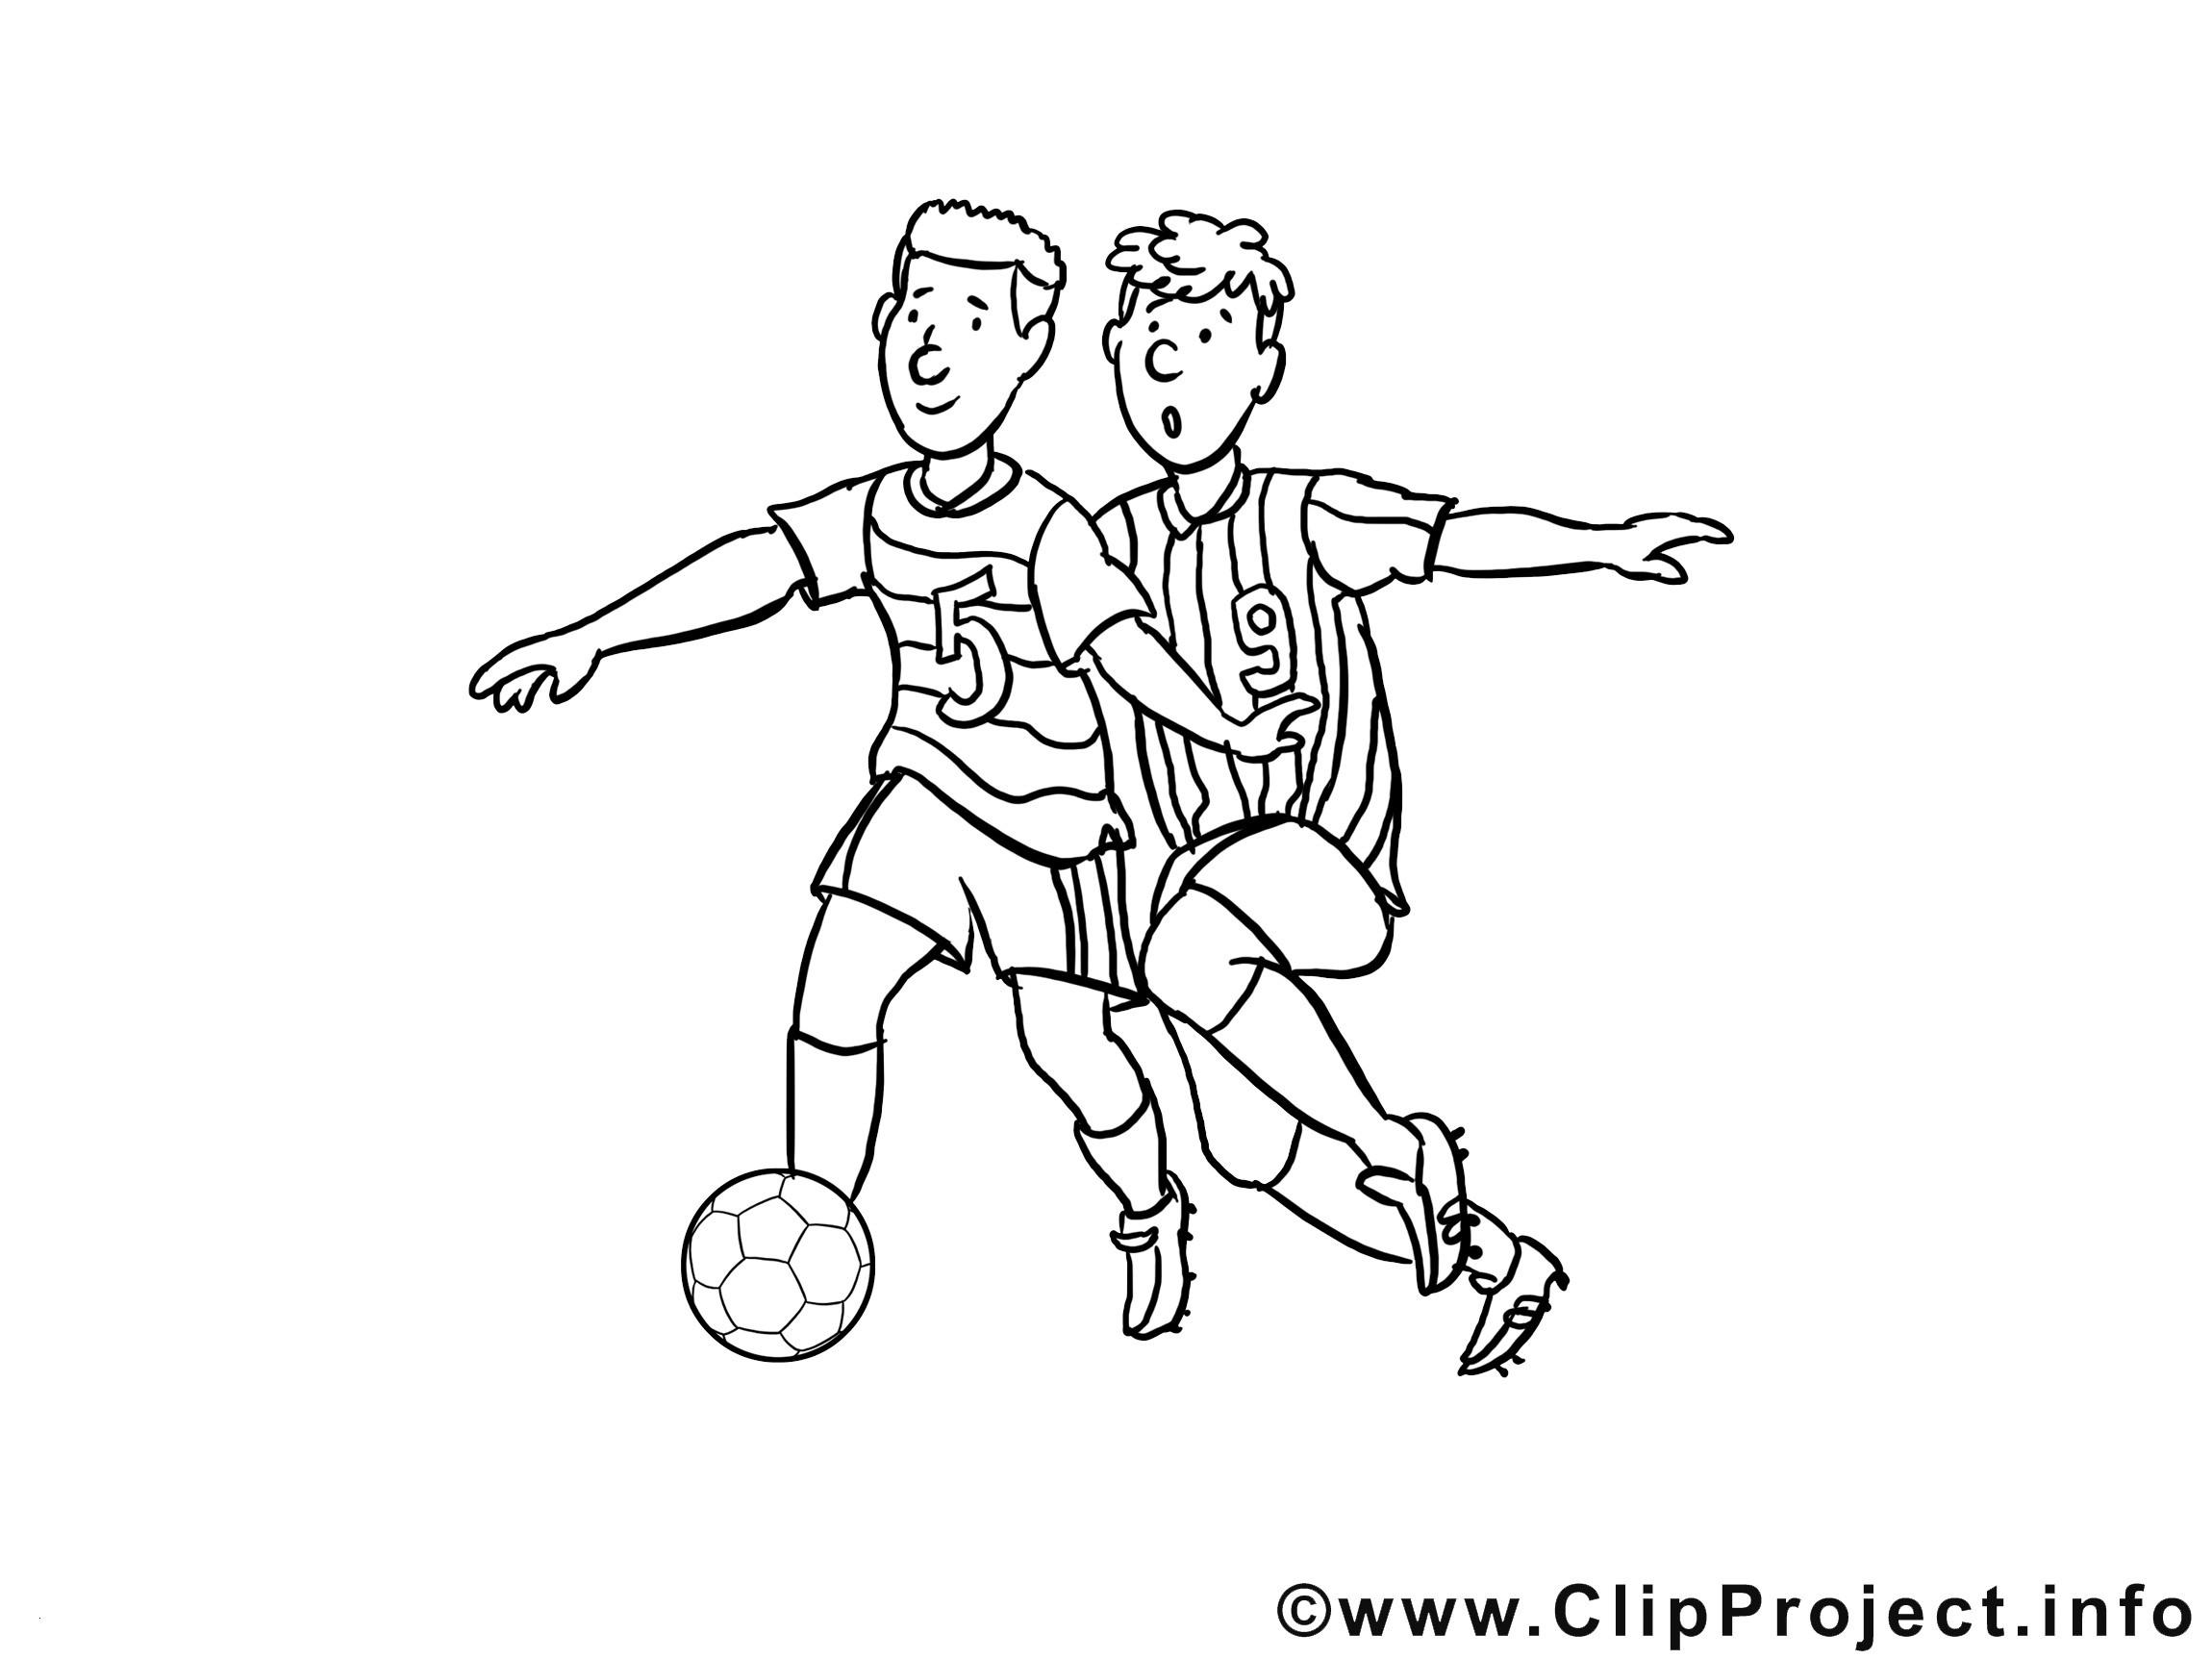 Hundertwasser Bilder Zum Ausmalen Genial Ausmalbilder Kostenlos Fussball Neu Ausmalbilder Fußballspieler Galerie